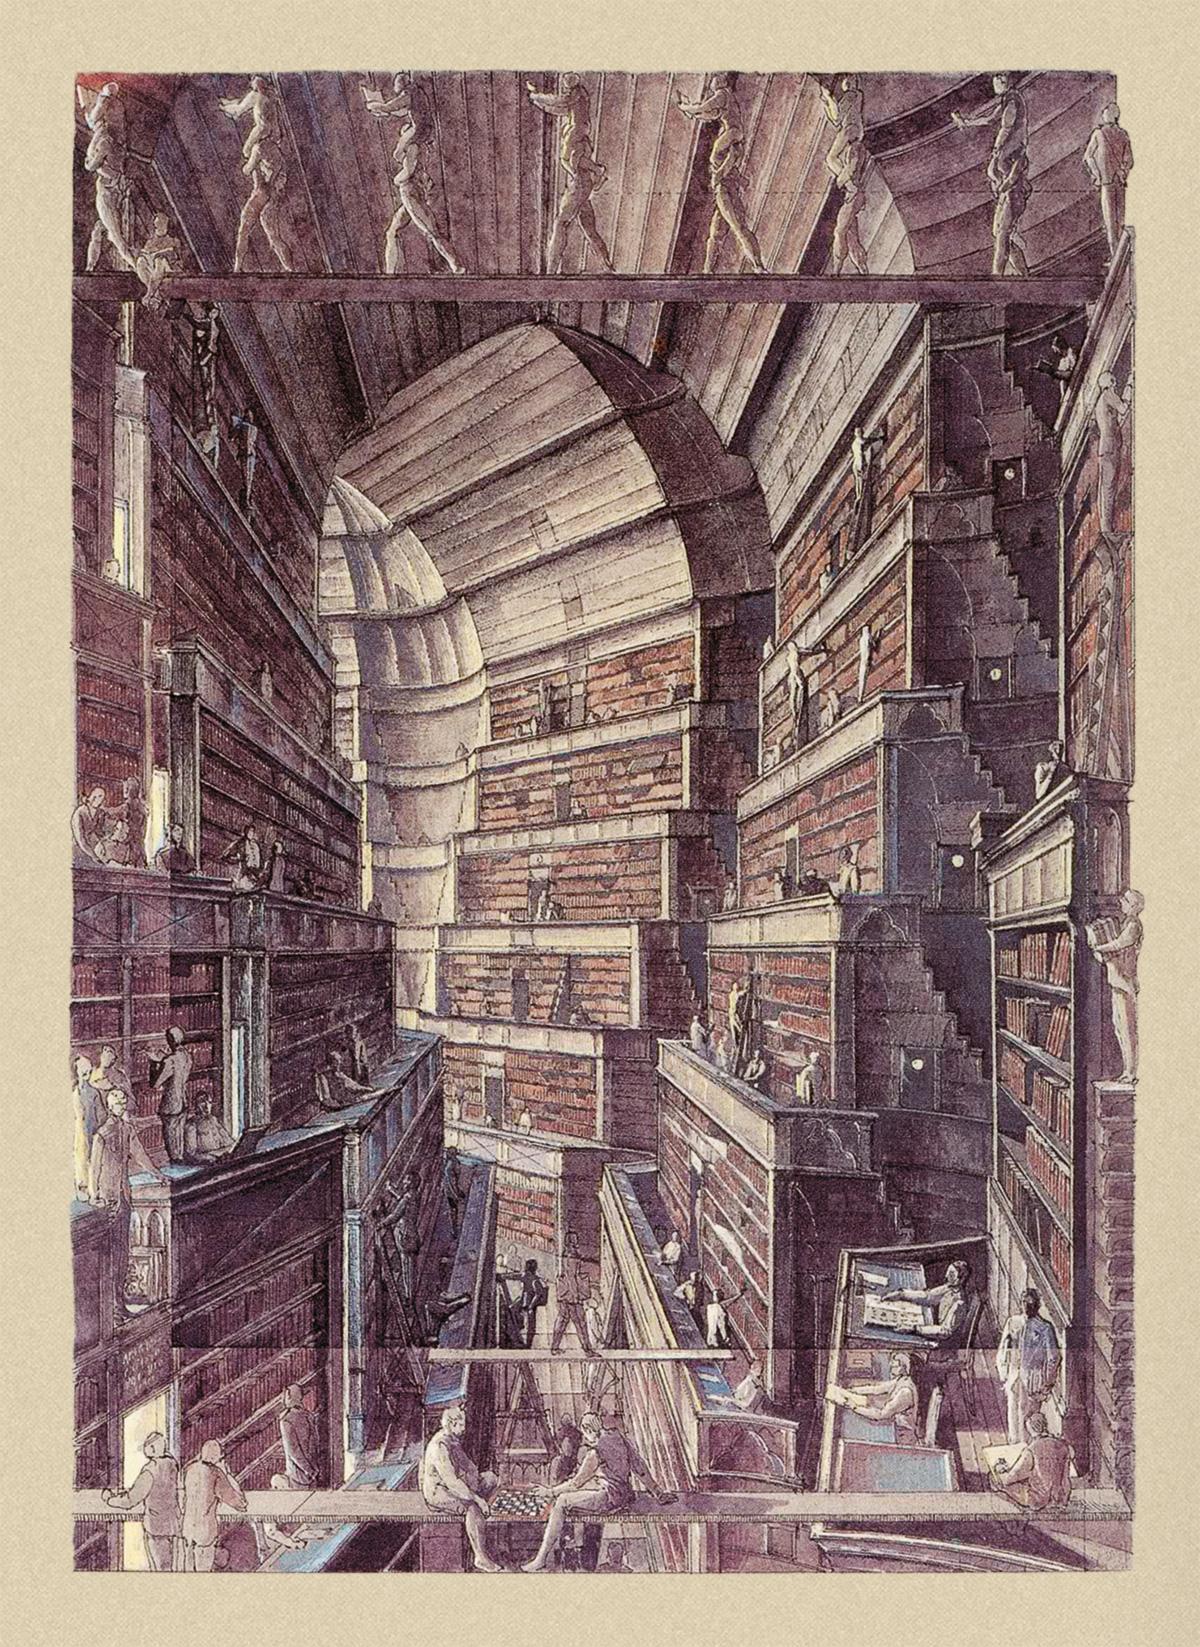 Diferentemente de um filho, um livro é a encarnação de uma posteridade controlada, sob medida. A pessoa escreve como se esculpisse sua lápide